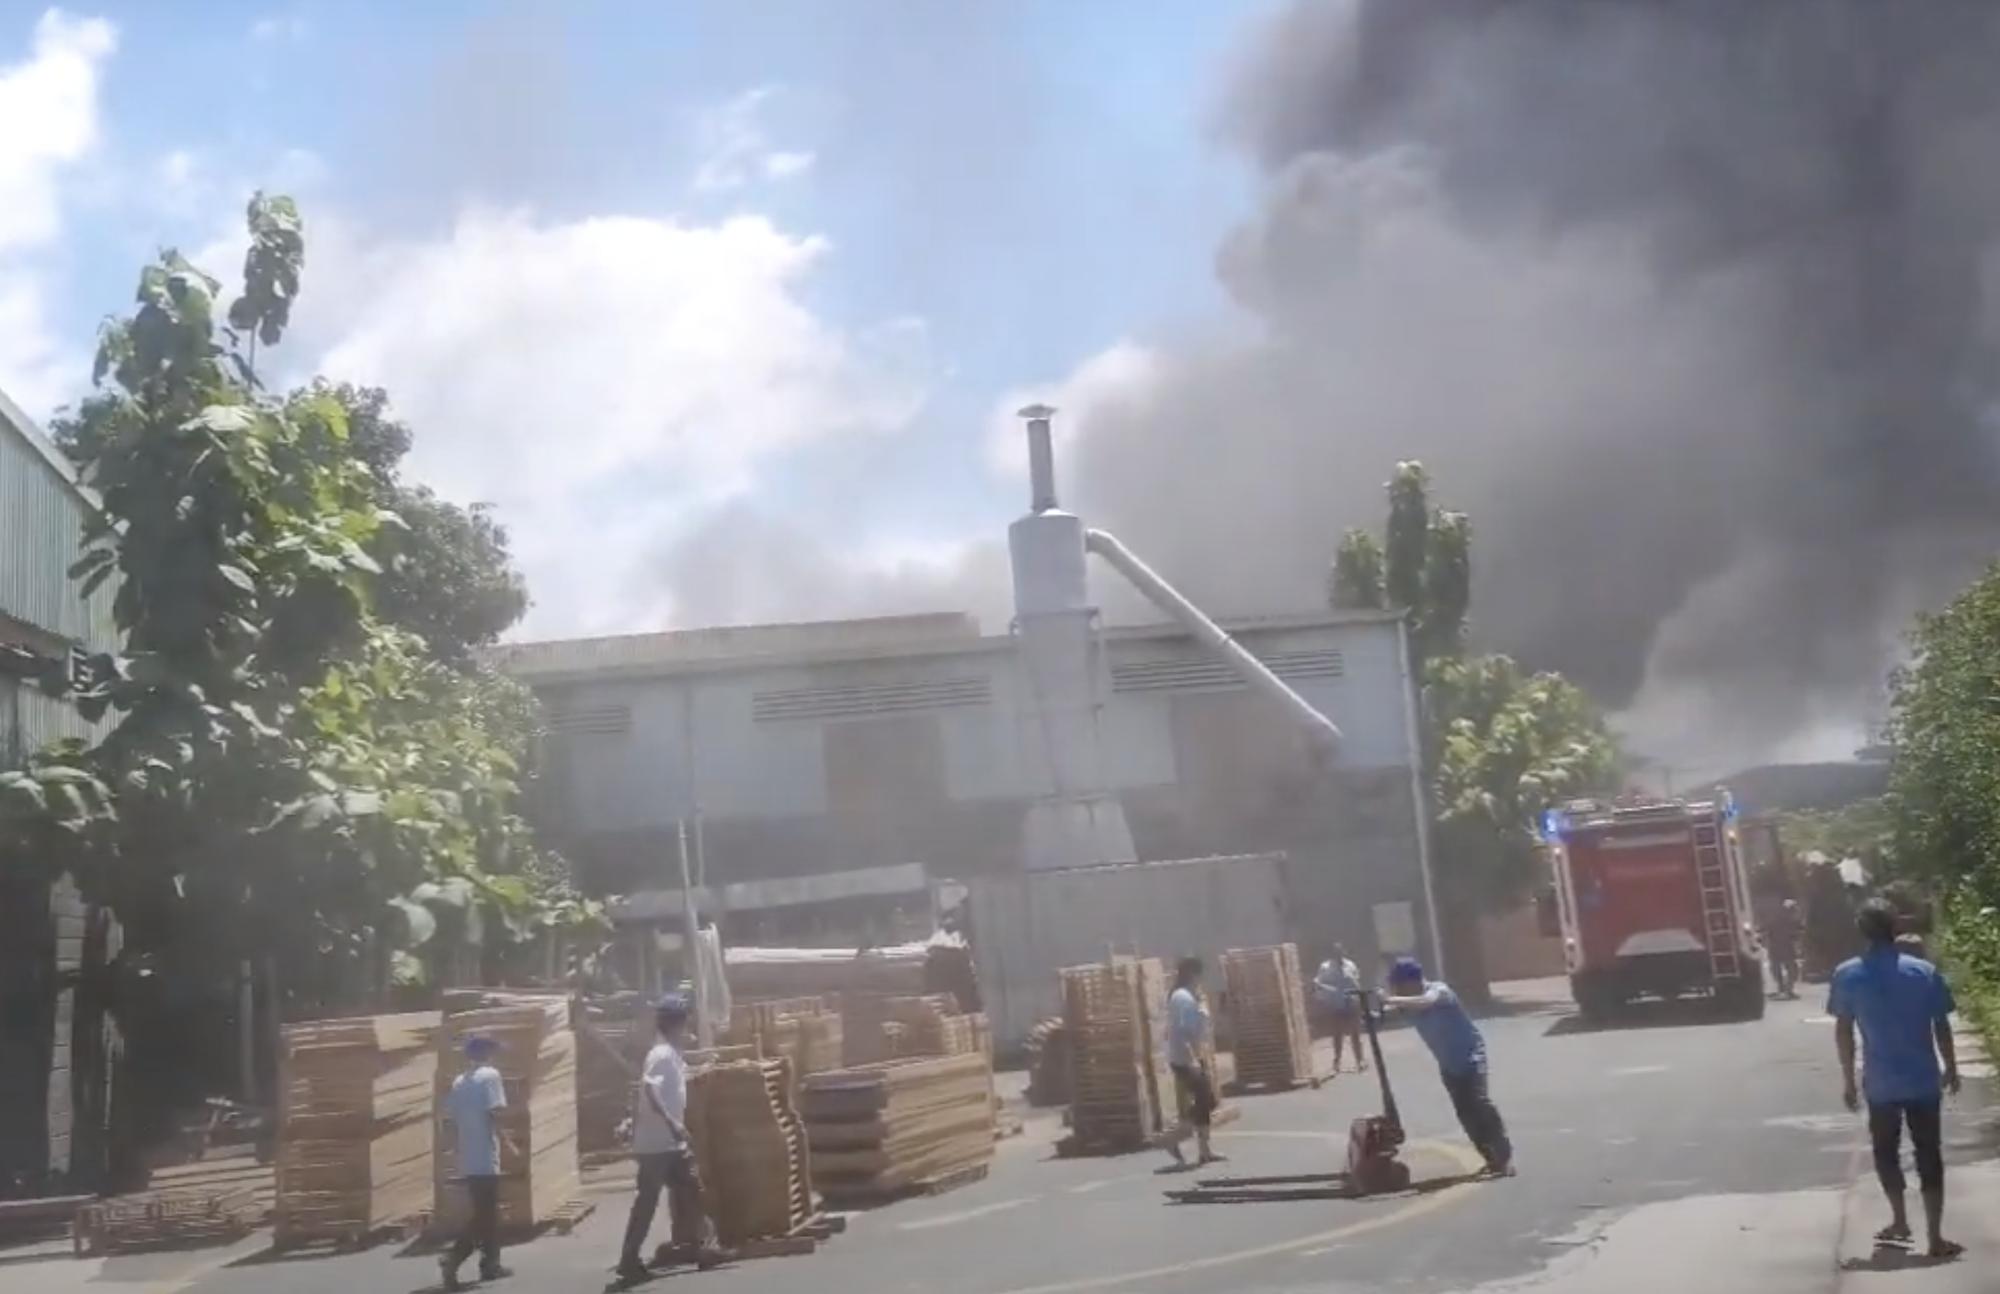 Công ty gỗ ở Bình Dương cháy dữ dội, nhiều người vô tư đến sát hiện trường... livestream dưới dòng điện cao thế - Ảnh 2.